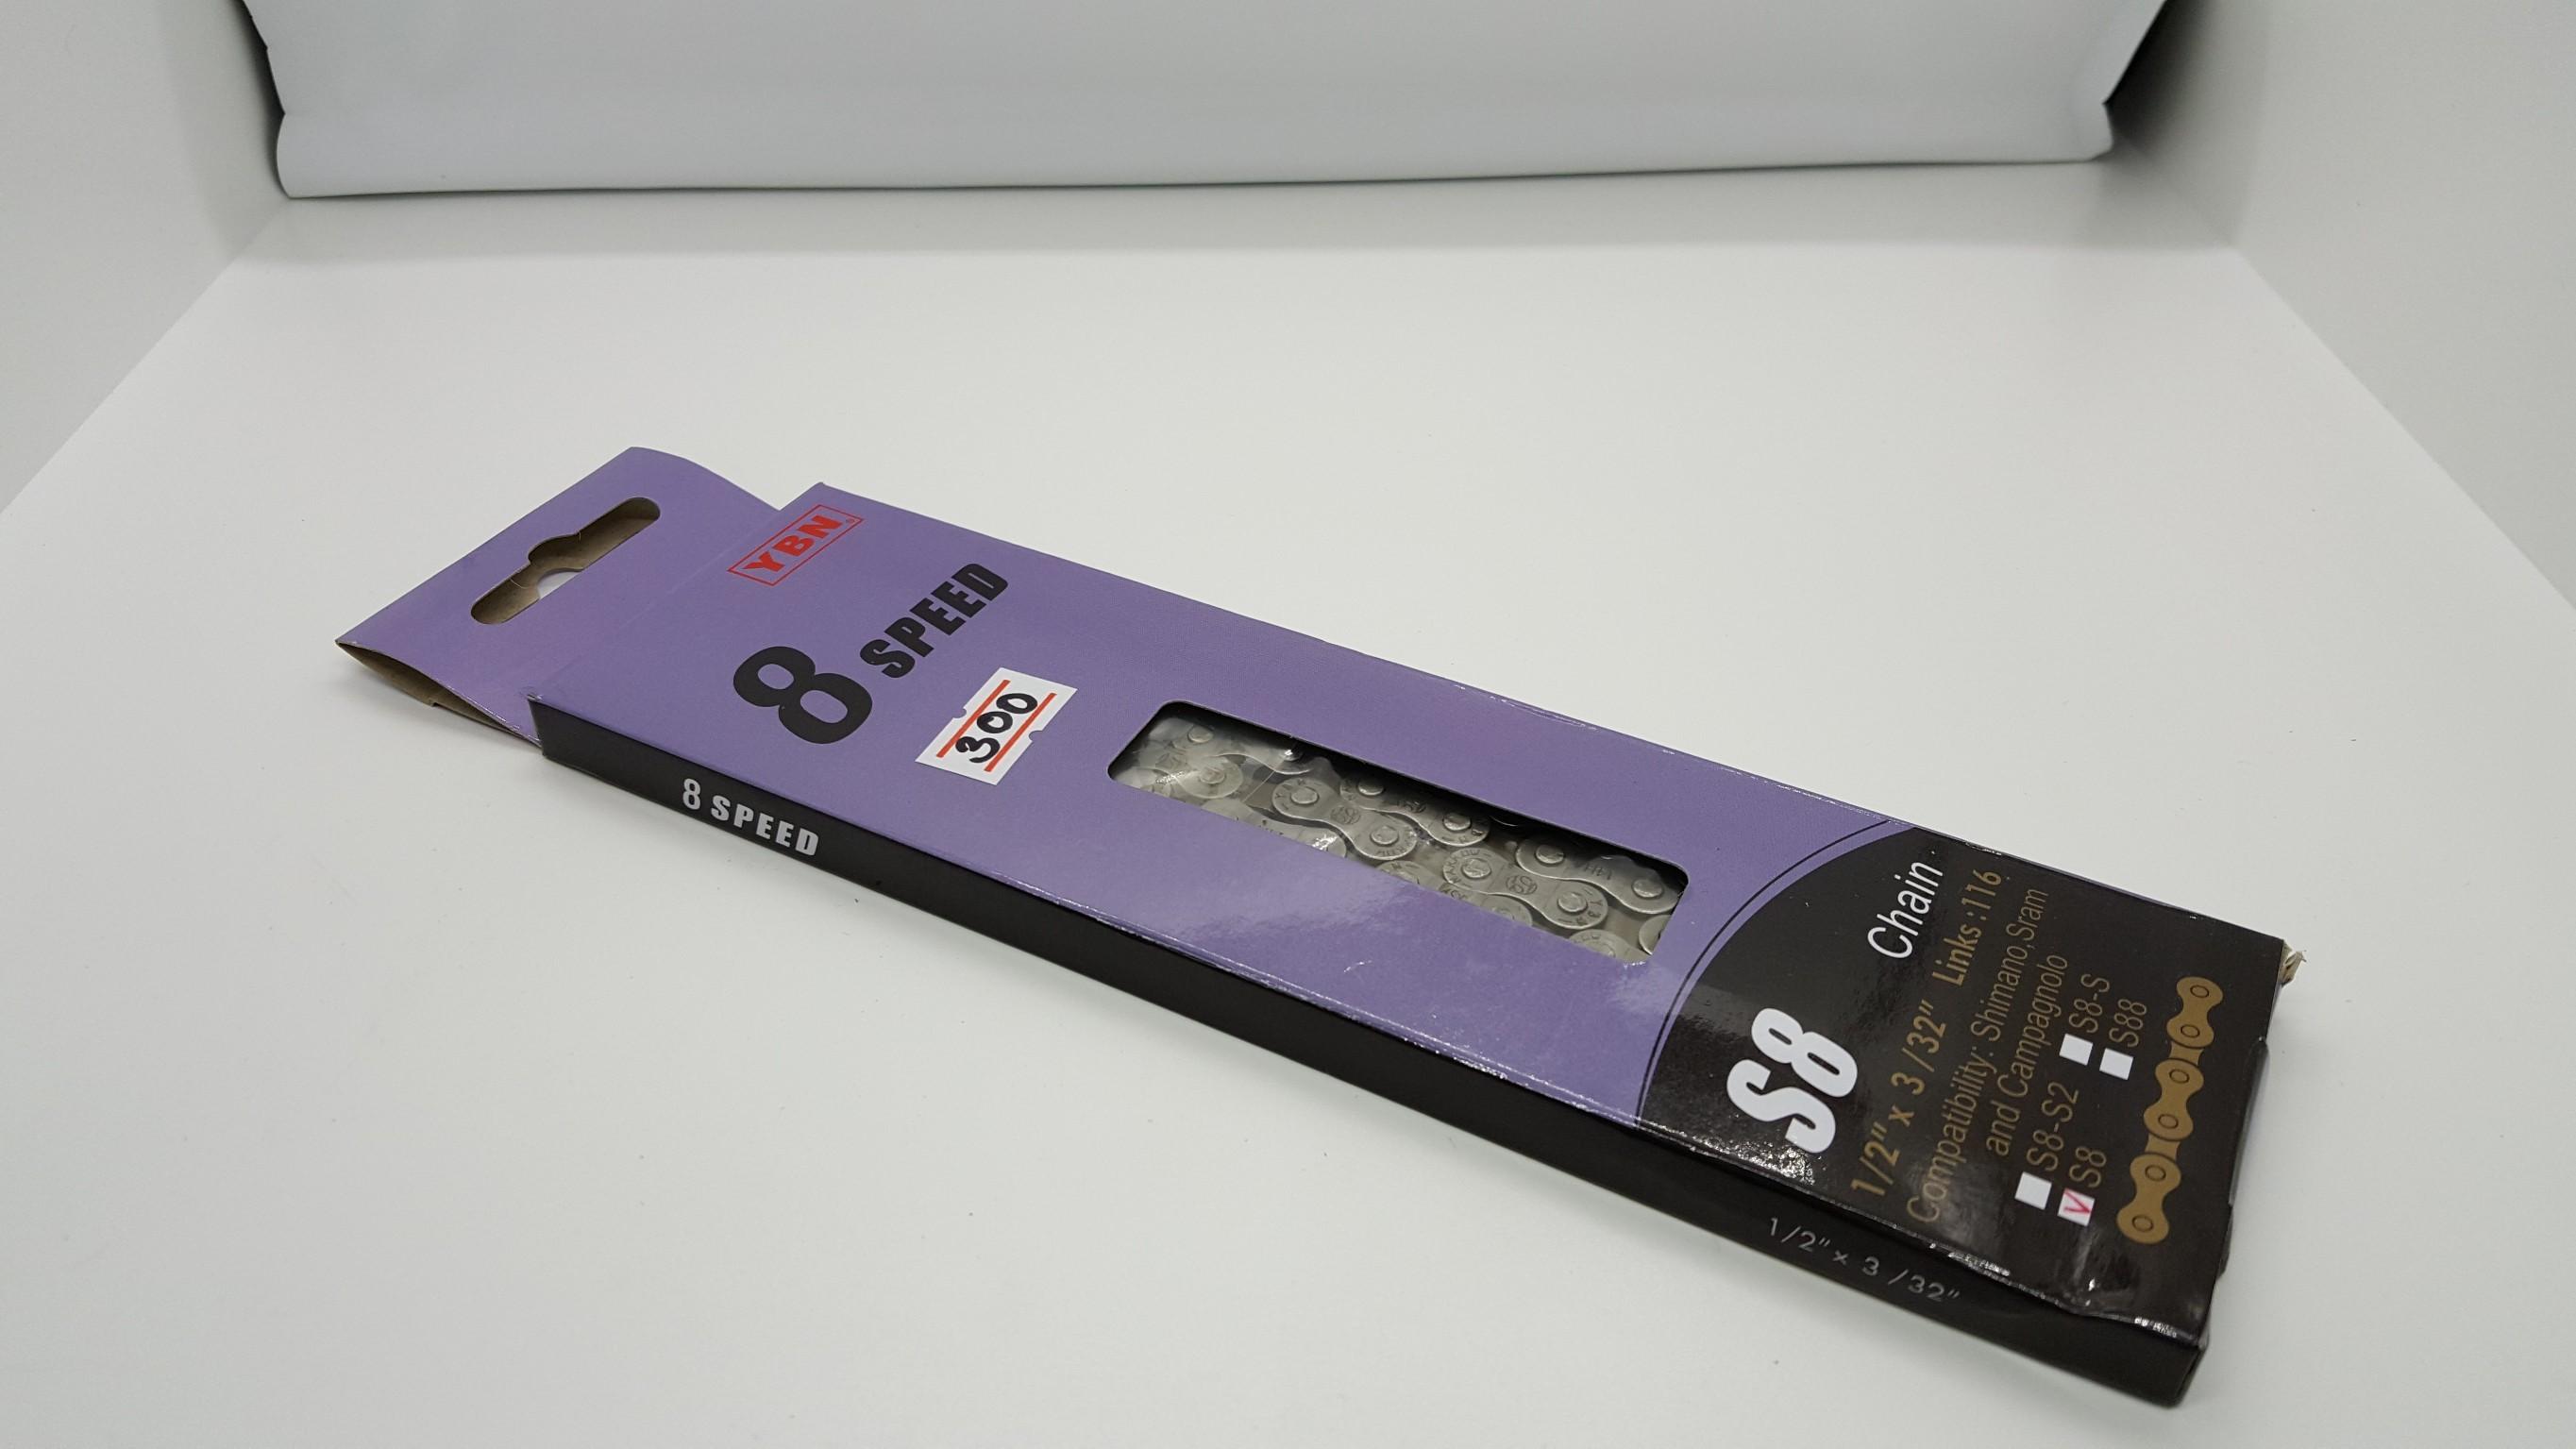 โซ่คุณภาพ YBN อลูมิเนียม 7-8 Speed 116 ลิงค์ พร้อมข้อต่อปลดเร็ว